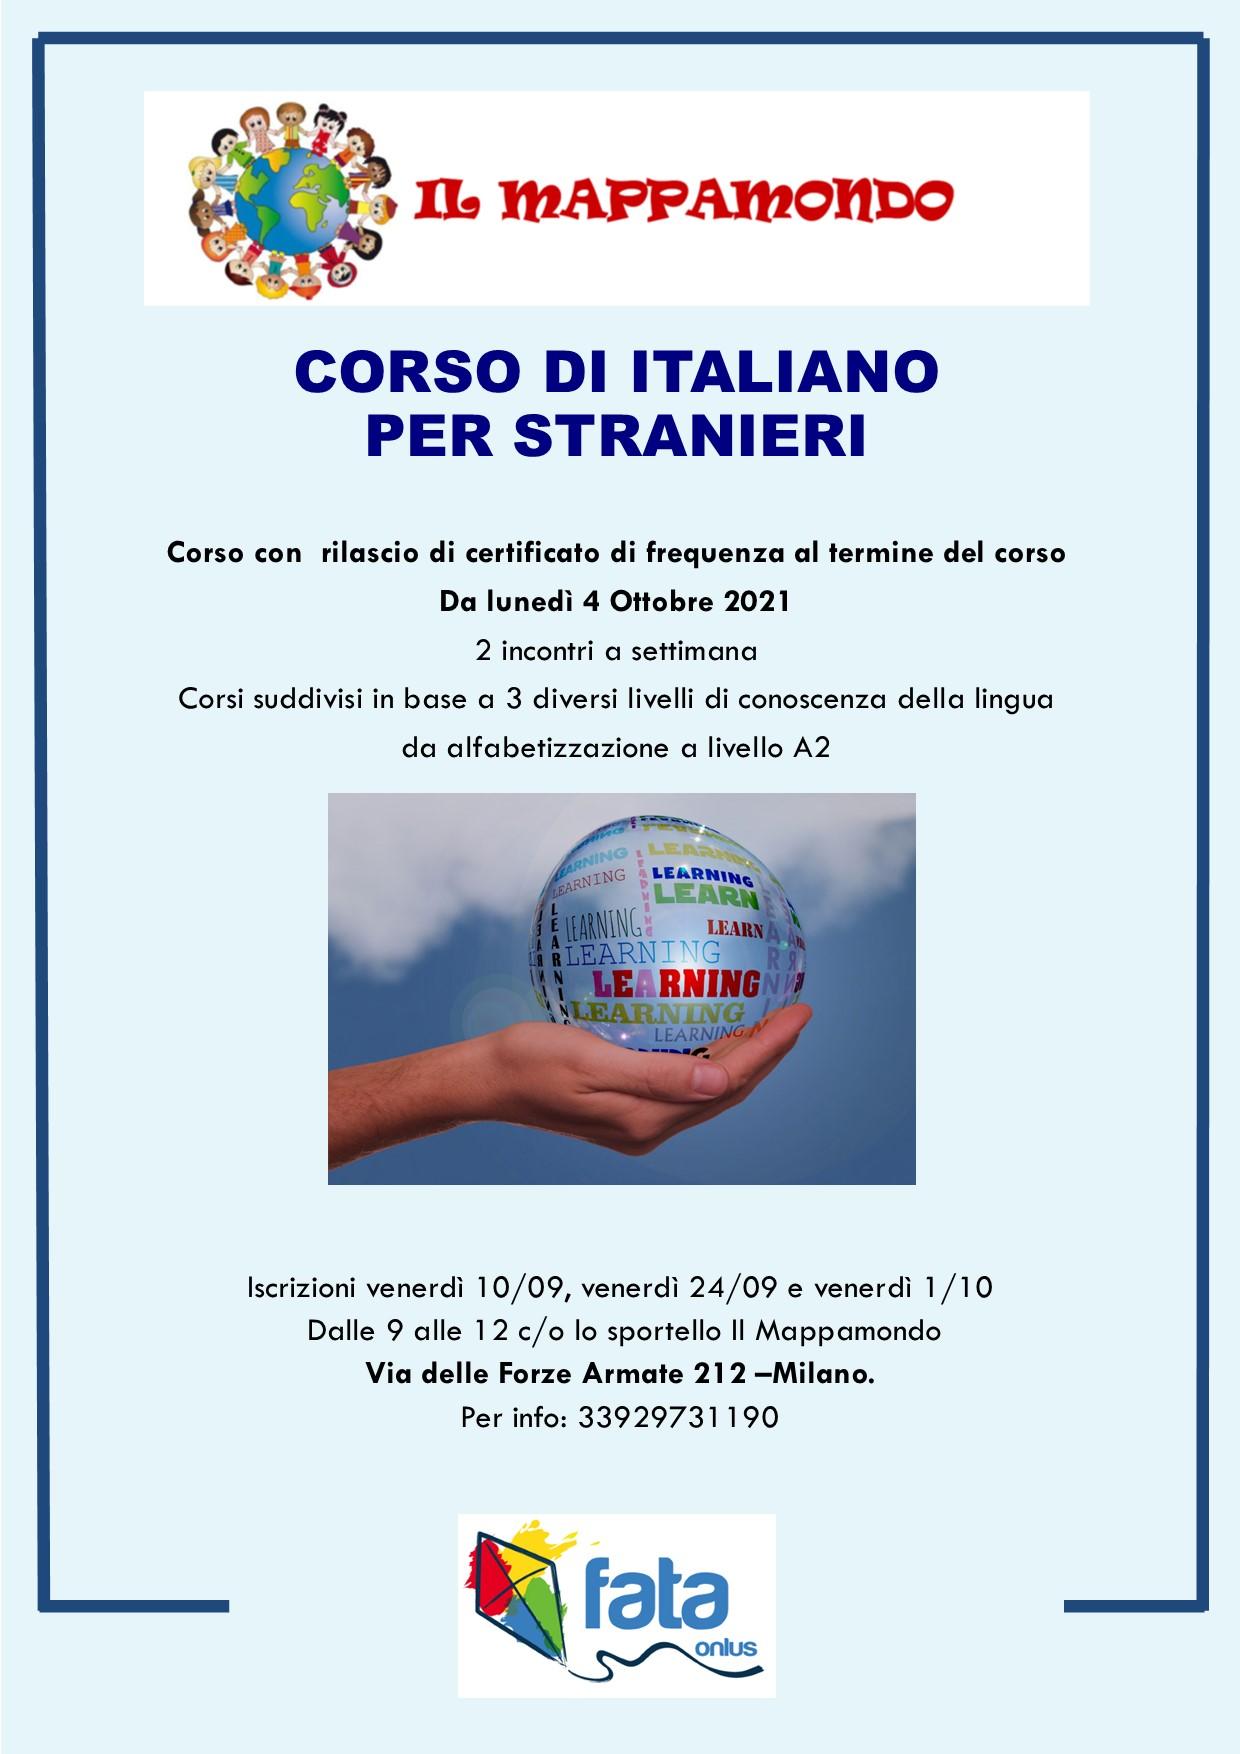 locandina corso italiano per stranieri 2021